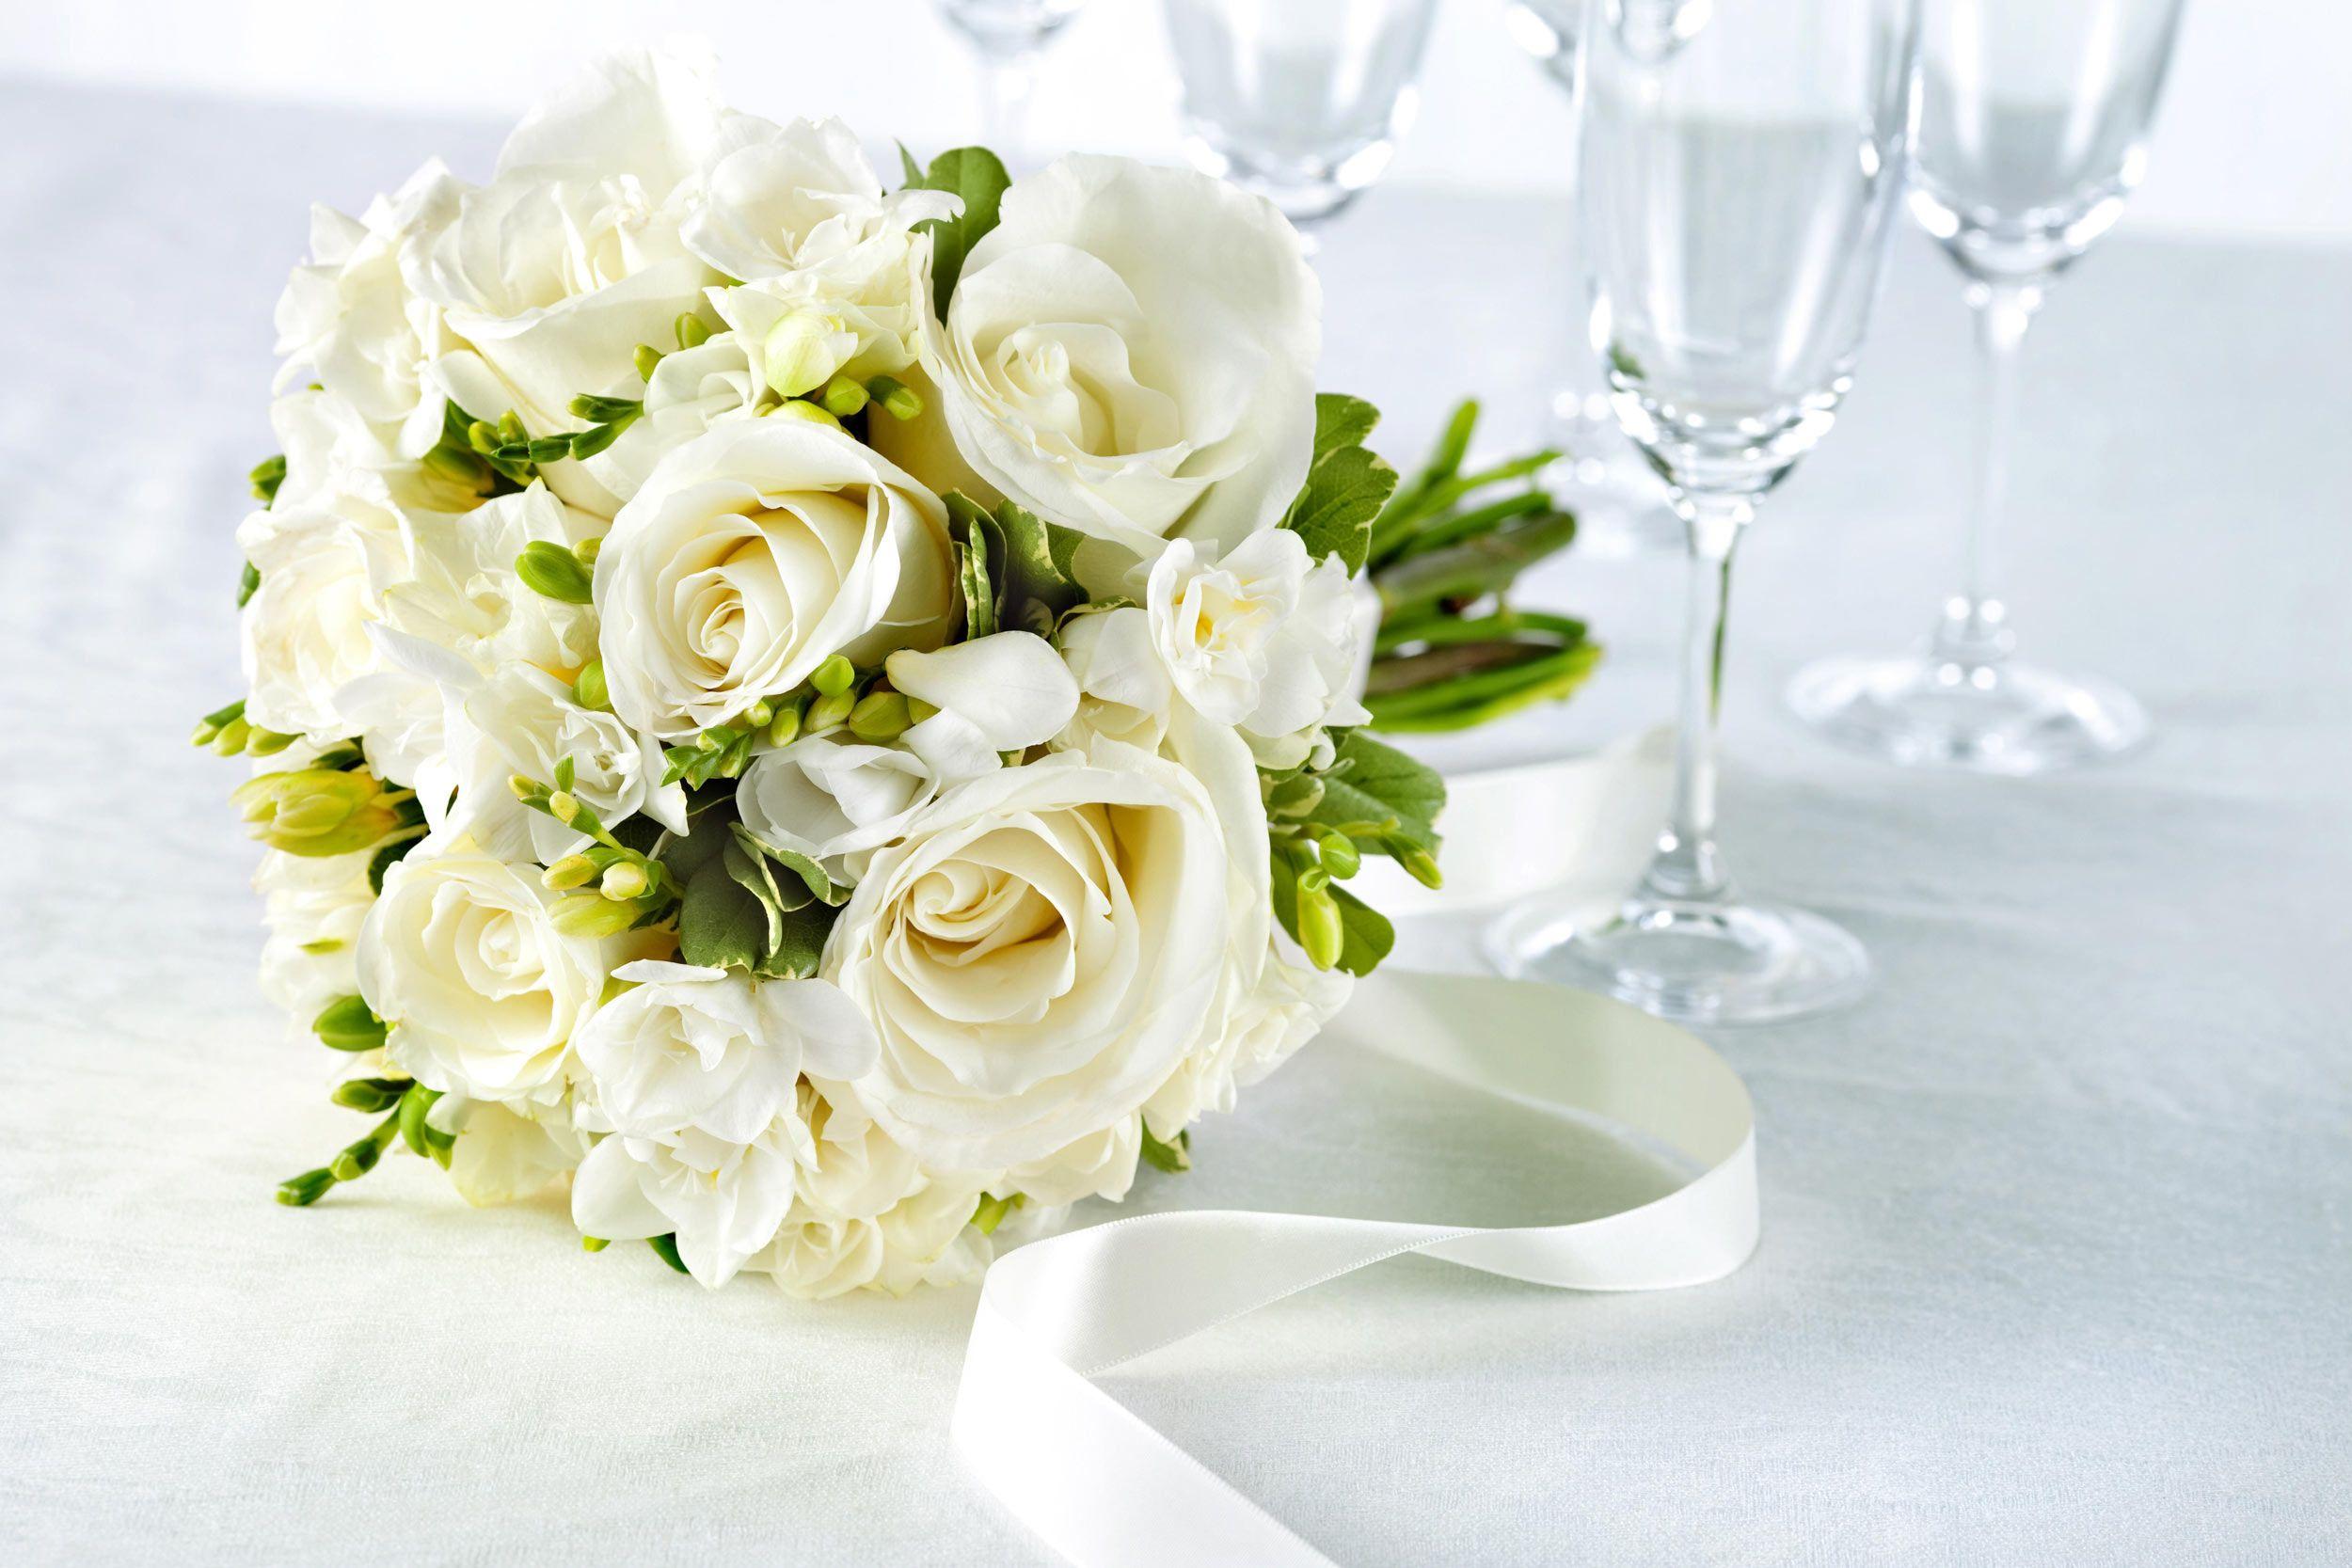 wedding_bouquet-1487850